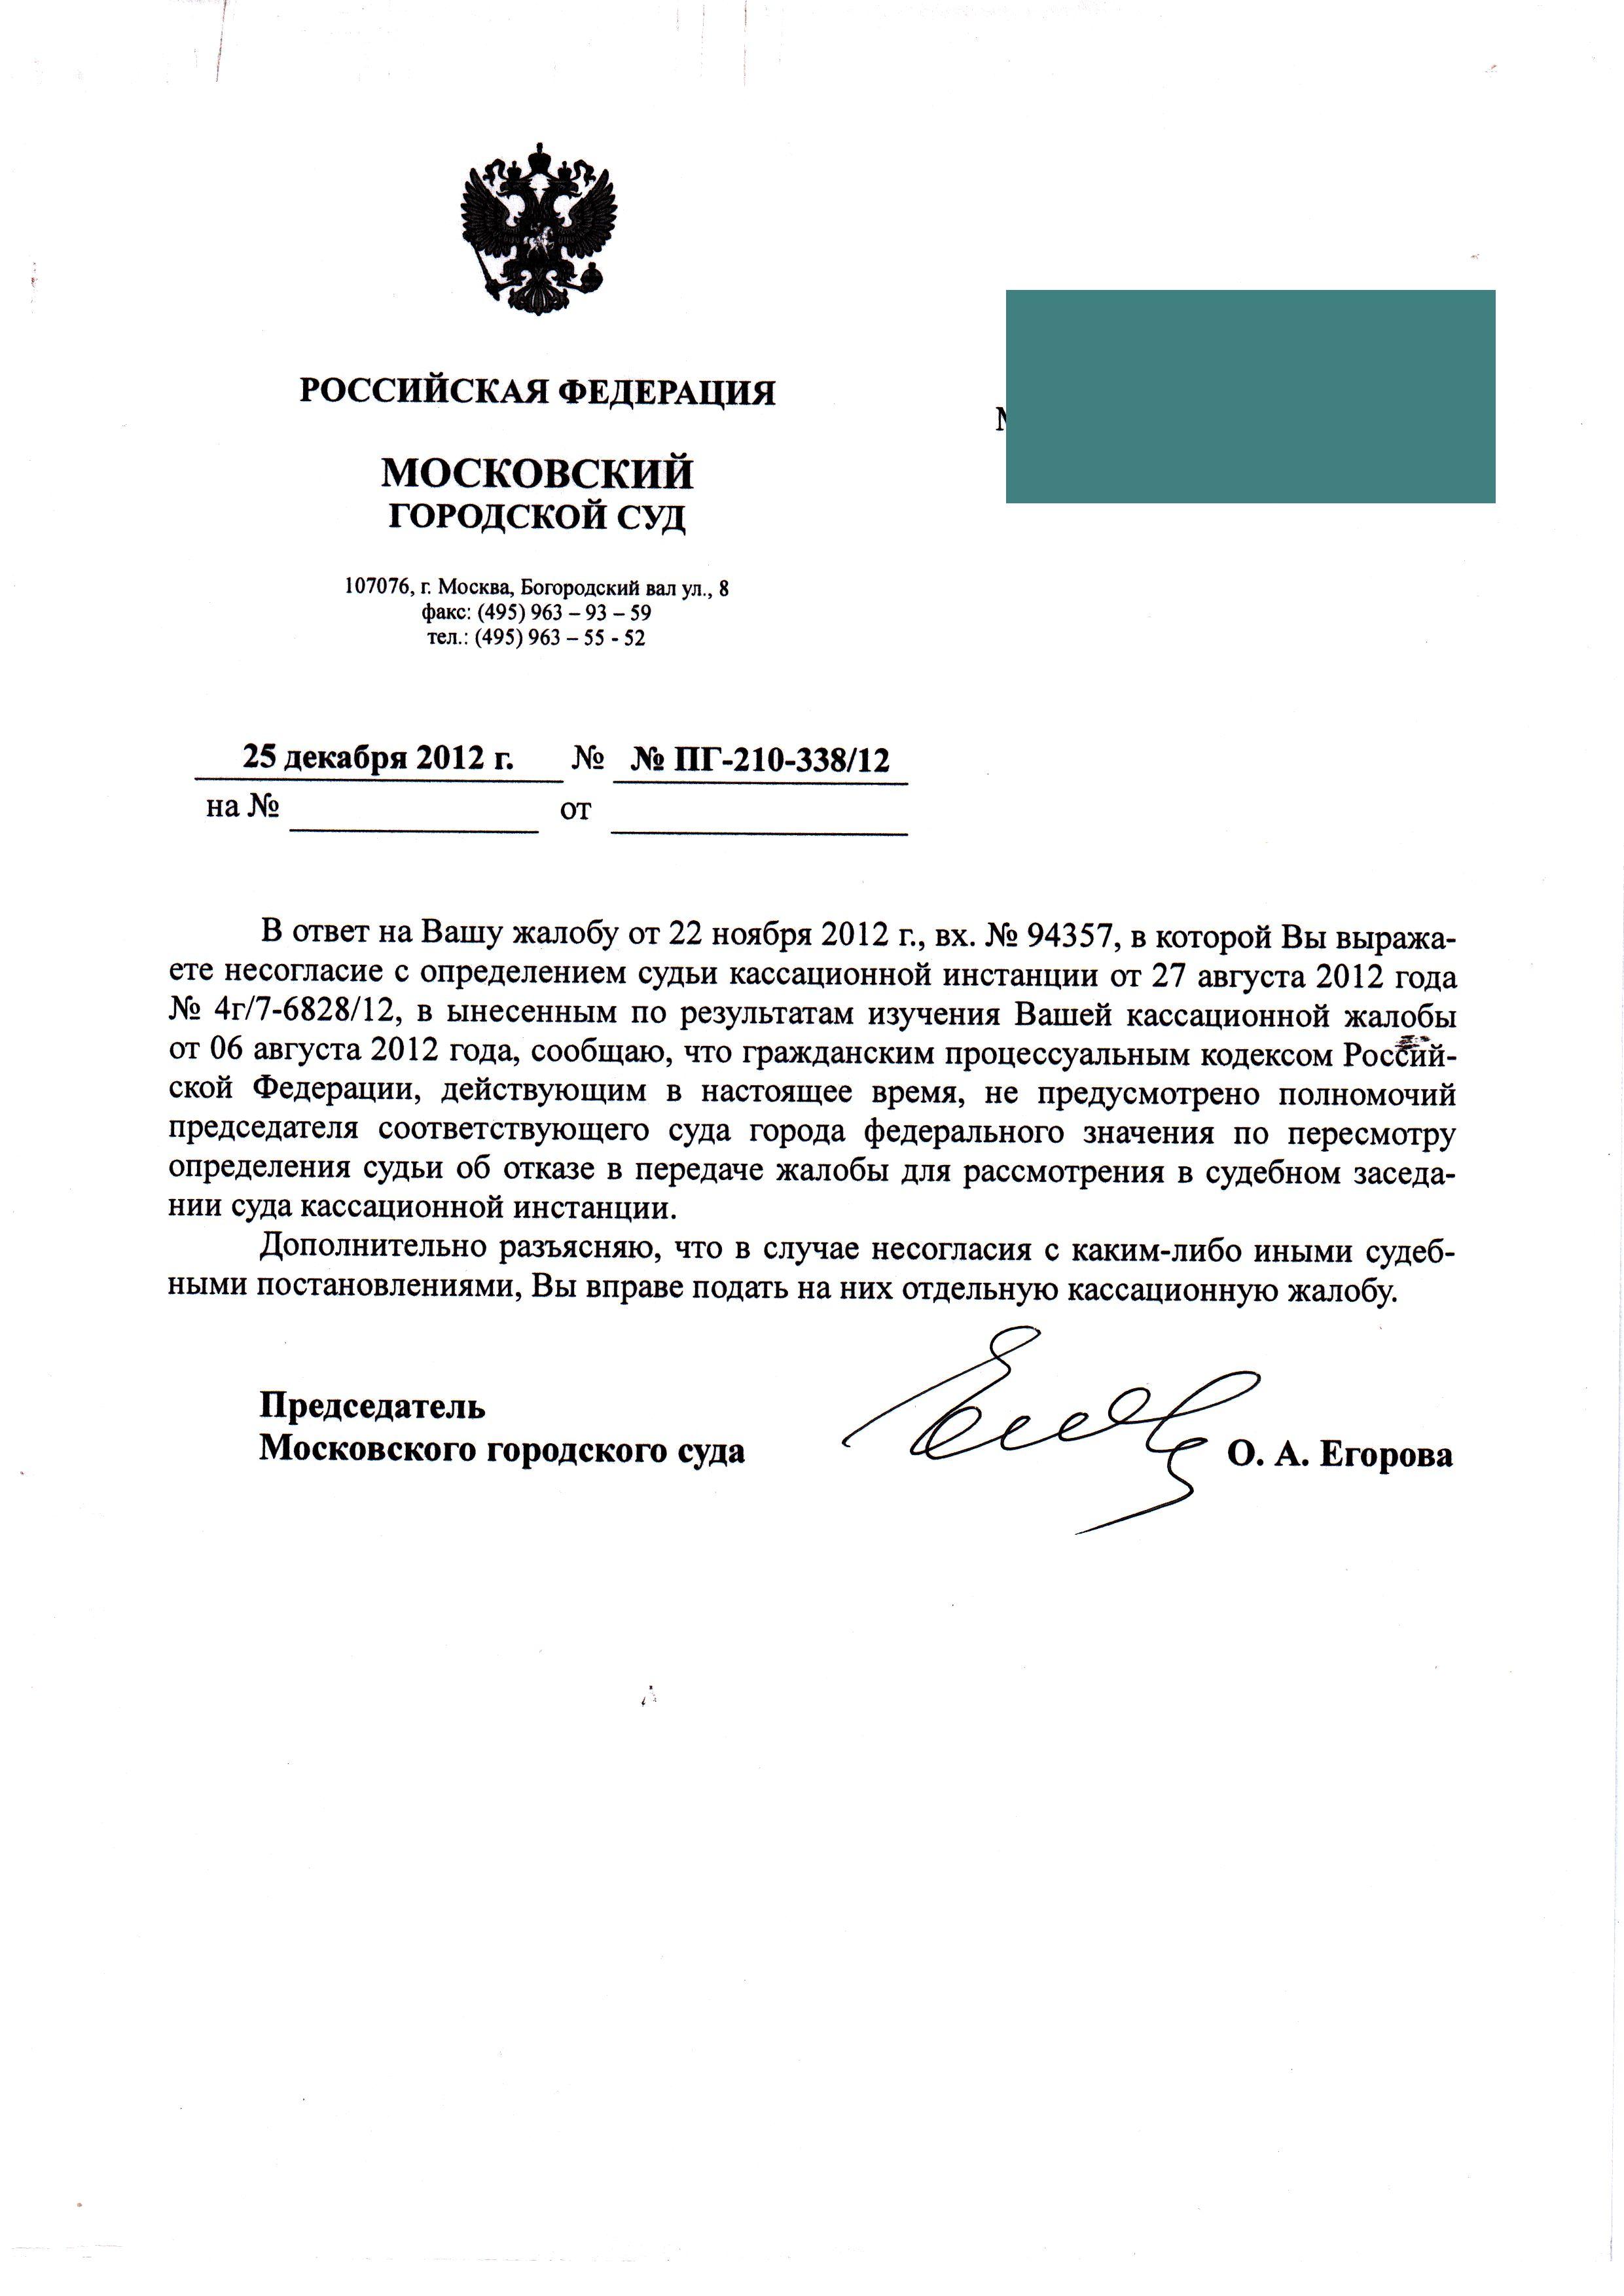 151. Кассационная жалоба в президиум Мосгорсуда, областного суда, образец